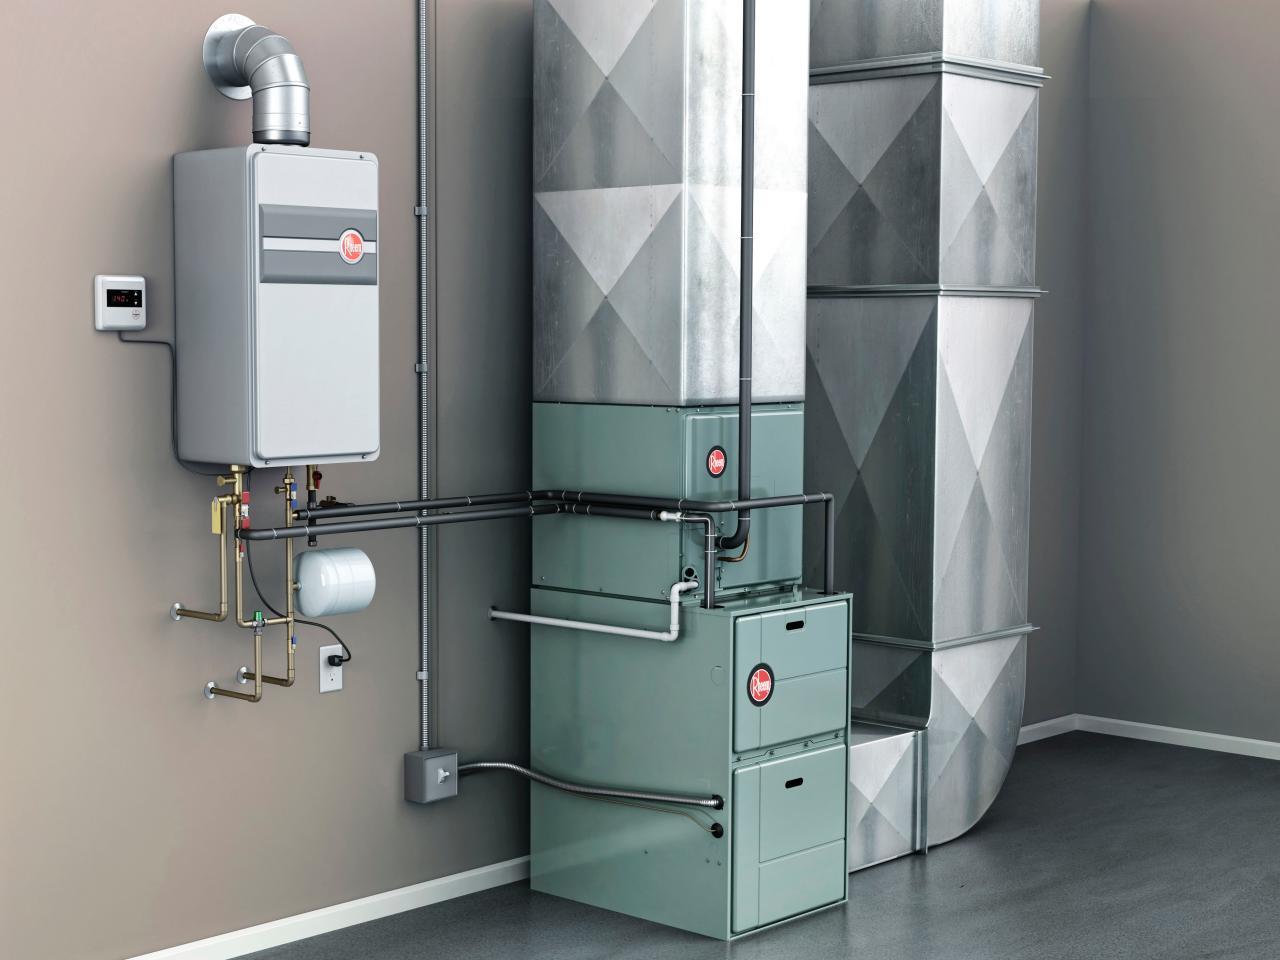 maintenance of HVAC